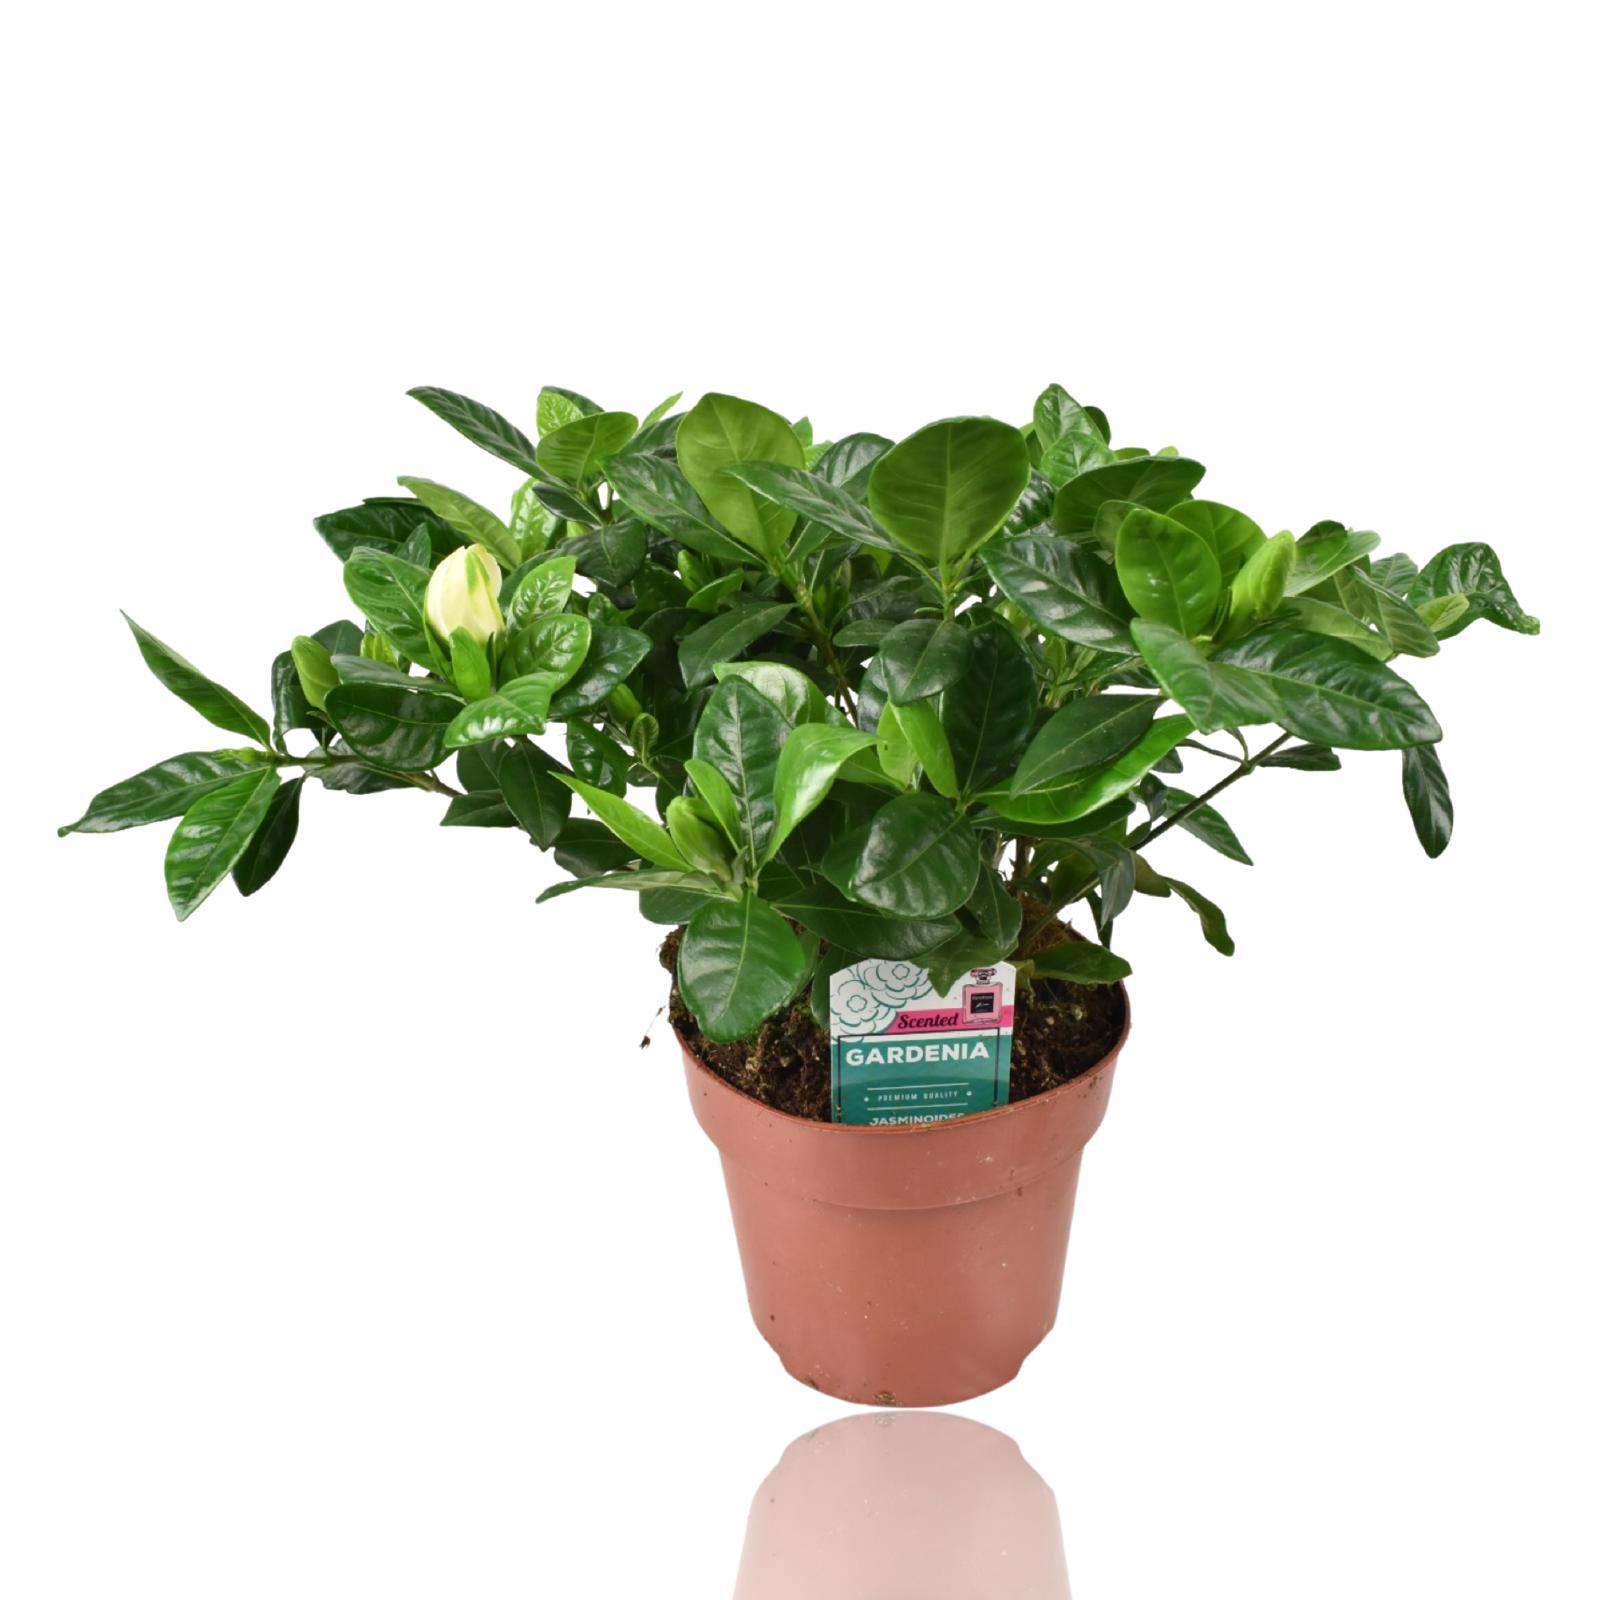 Gardenia Jasminoides Indoor Plants Flowering Plants